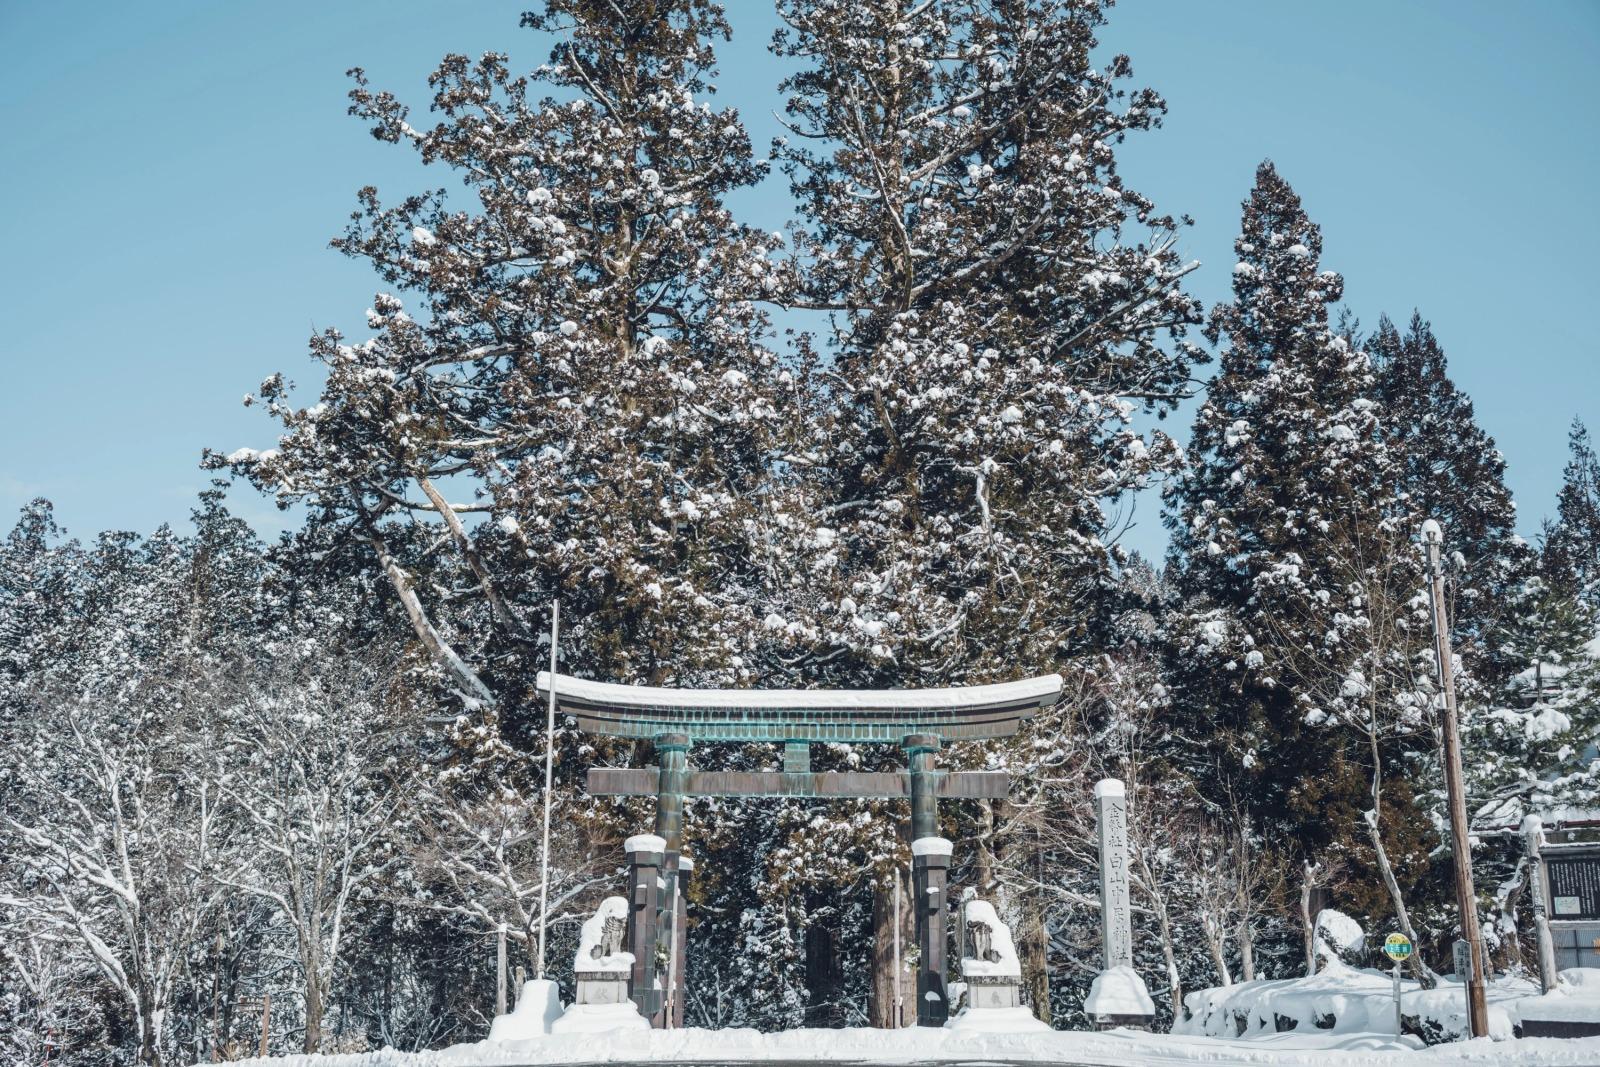 石徹白の心の拠りどころである白山中居神社。白山信仰の場として、神聖に祀られている。